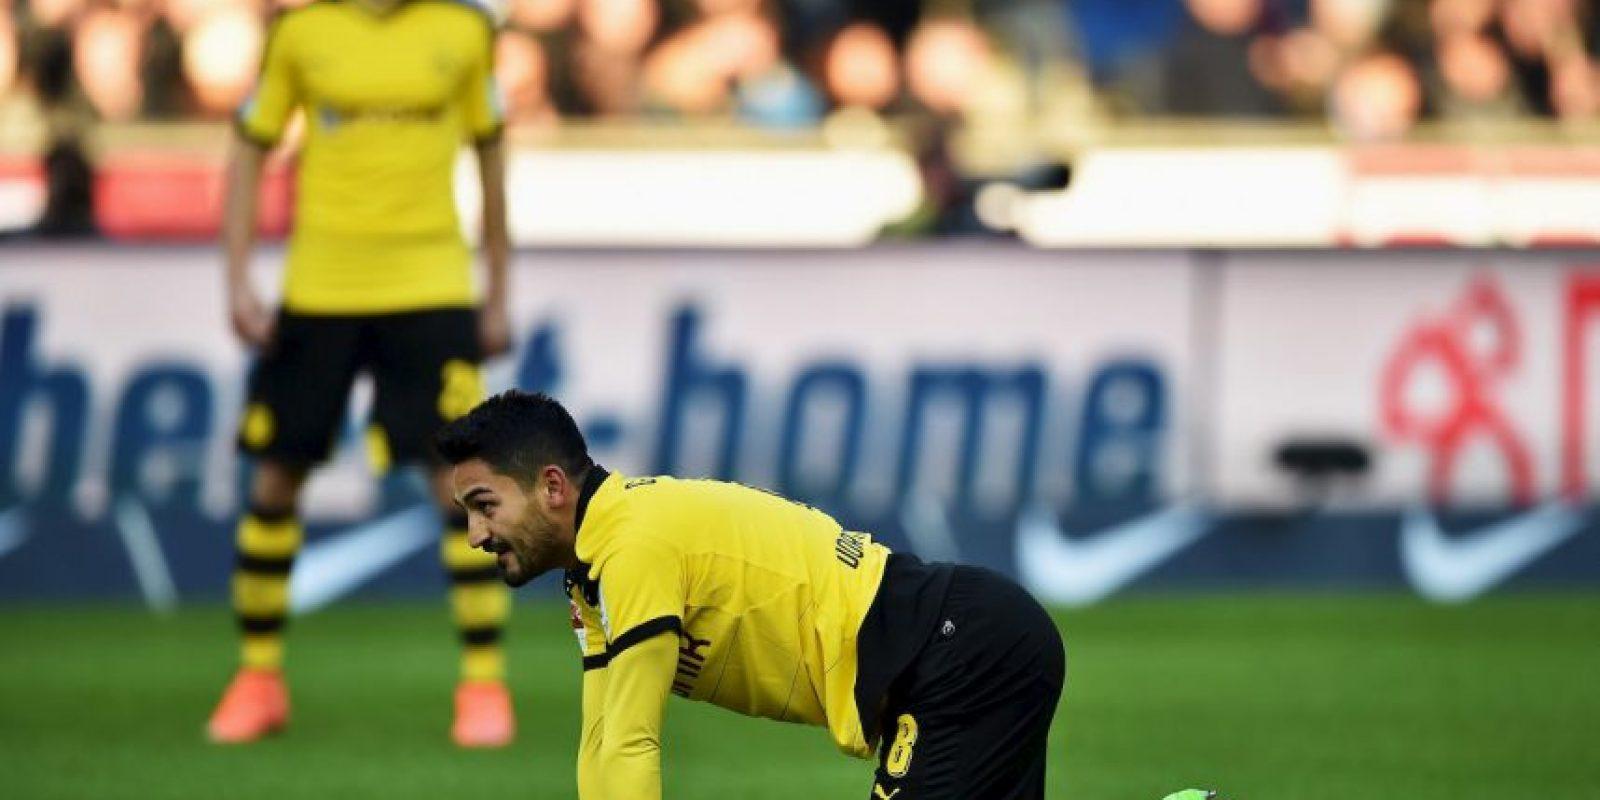 Ya se había perdido el Mundial de Brasil 2014 por lesión y ahora no podrá estar en la Eurocopa. Entrenando por Borussia Dortmund, el volante sufrió una lesión en la rótula y será sensible baja para los teutones. Foto:Getty Images